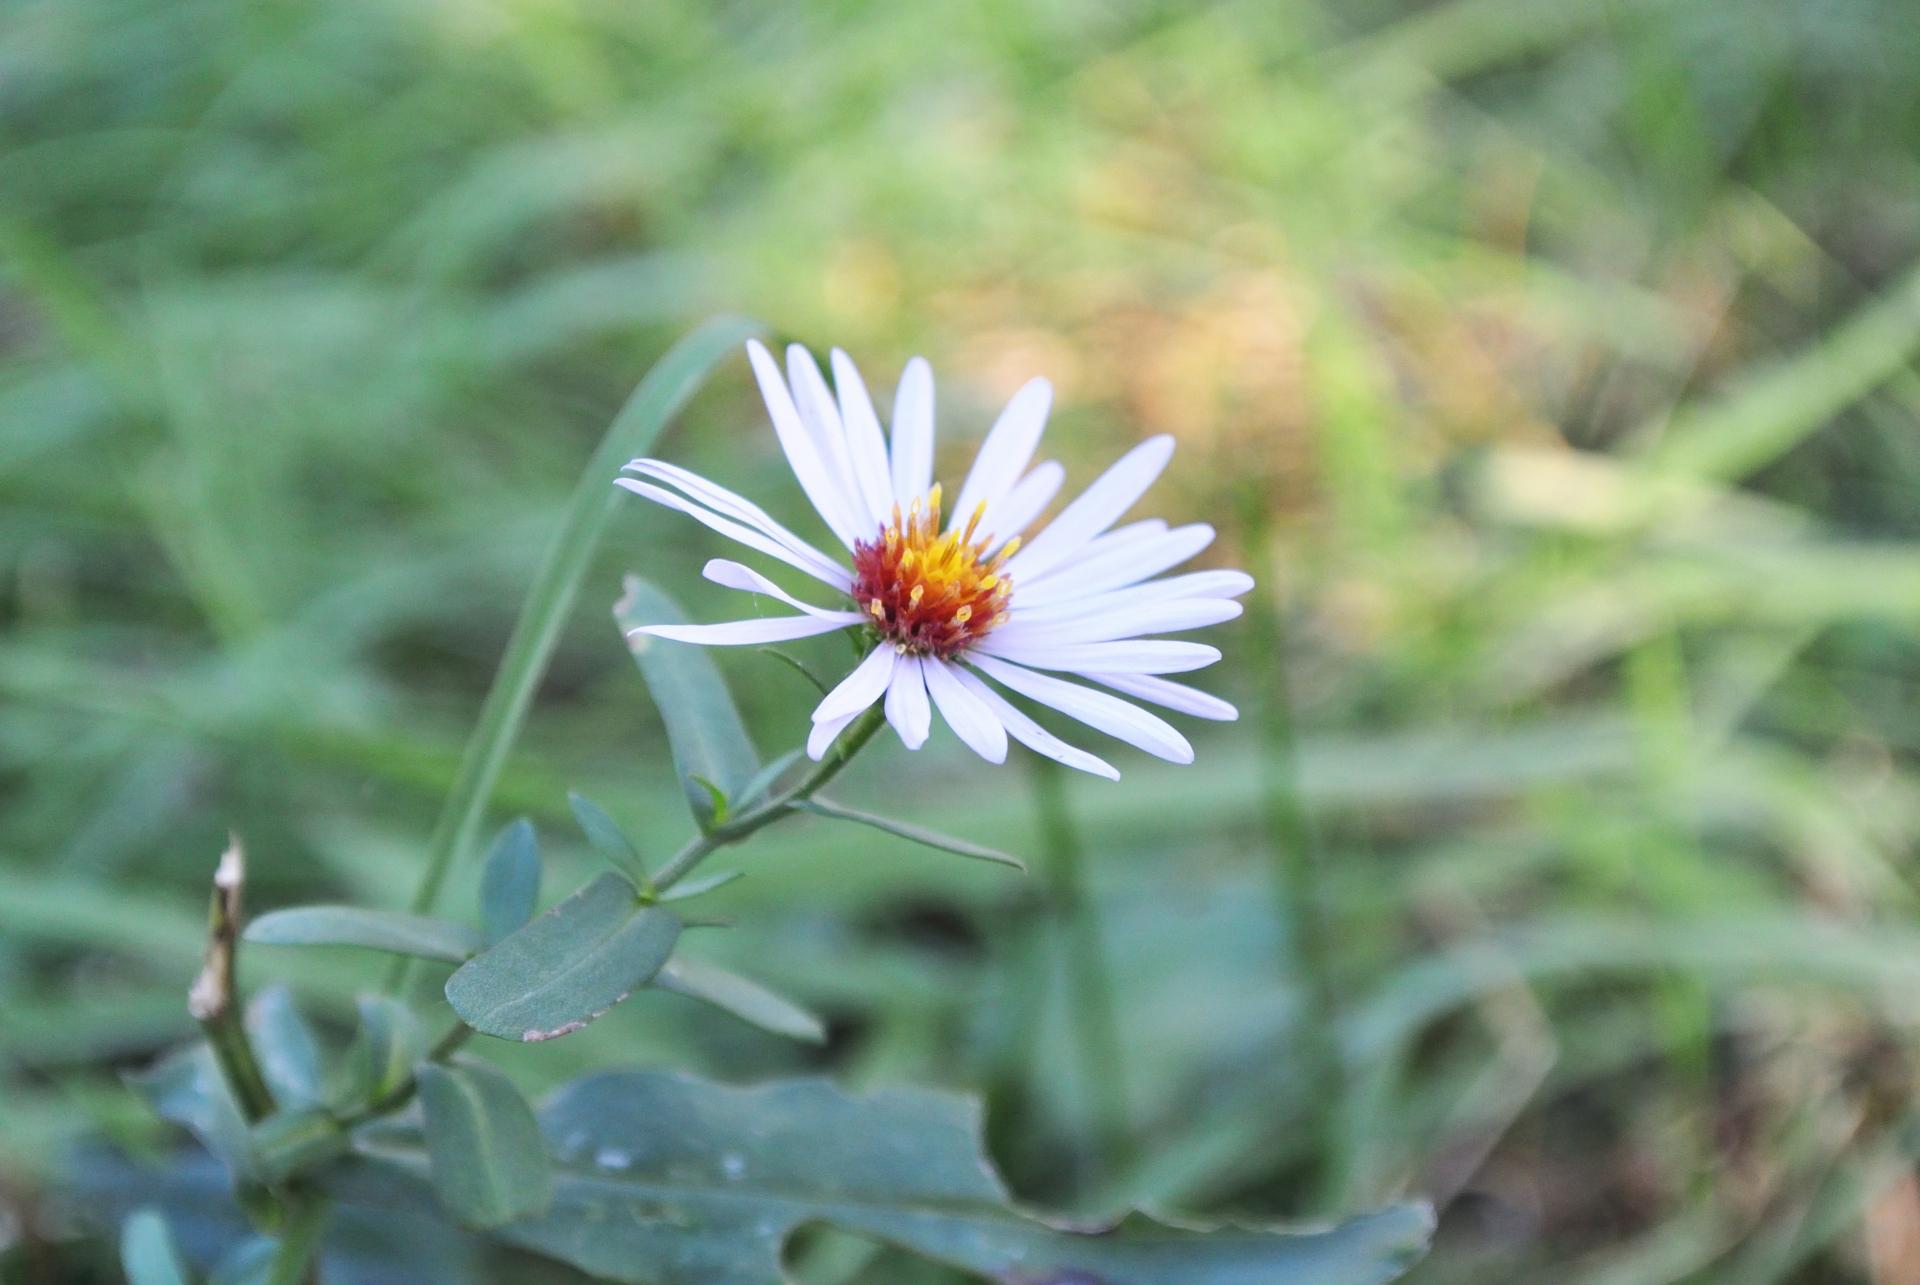 ガーデン用品屋さんの花図鑑 ユウゼンギク